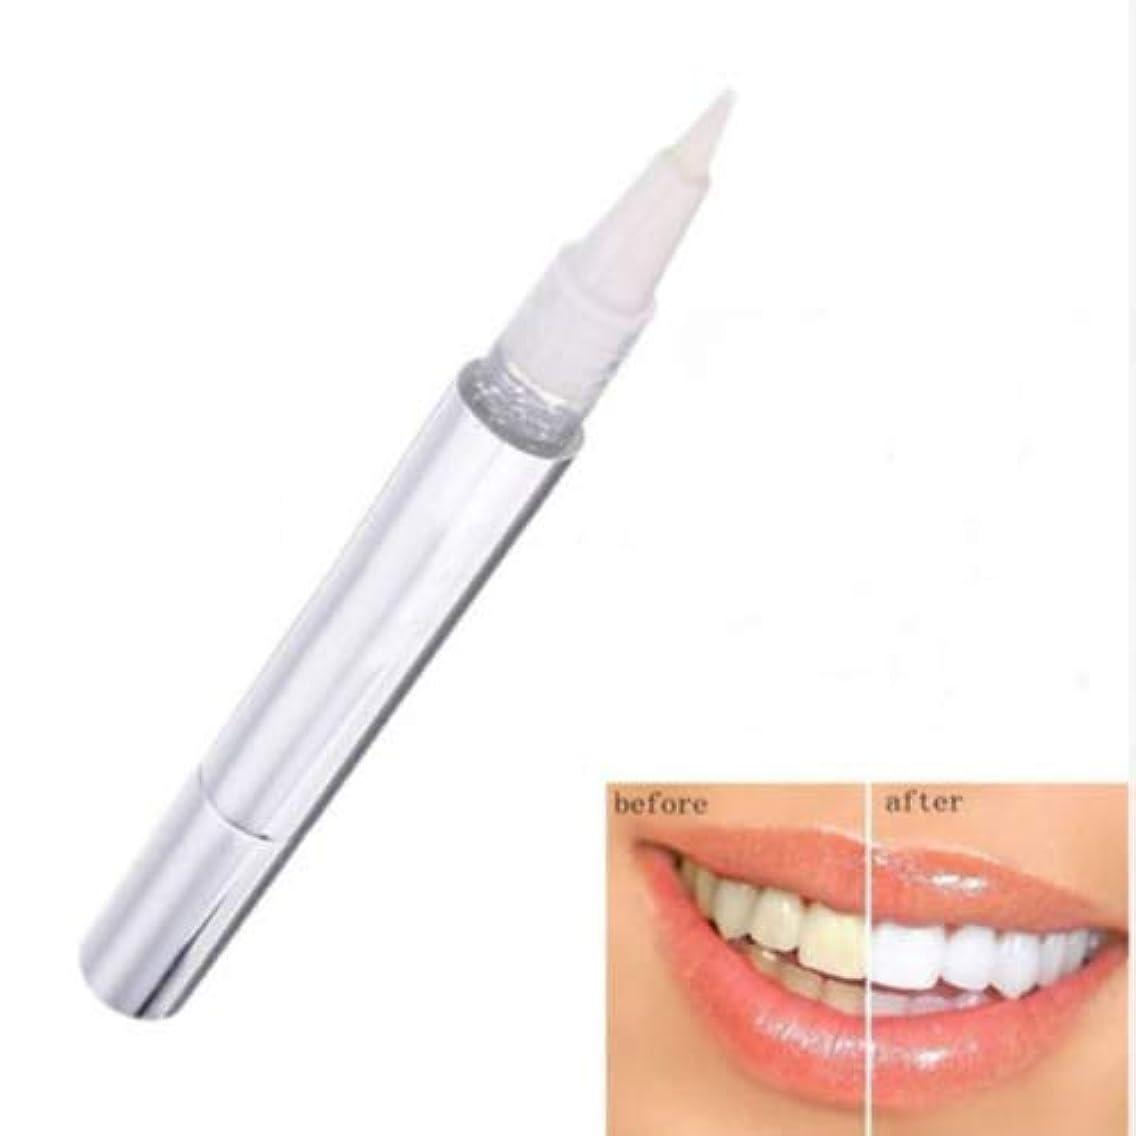 均等に穏やかなのれん歯美白 歯ホワイトニング チャコールホワイトニング 歯ケア 美白歯磨き 歯のホワイトニング 歯マニキュア 歯美白 美白歯磨剤